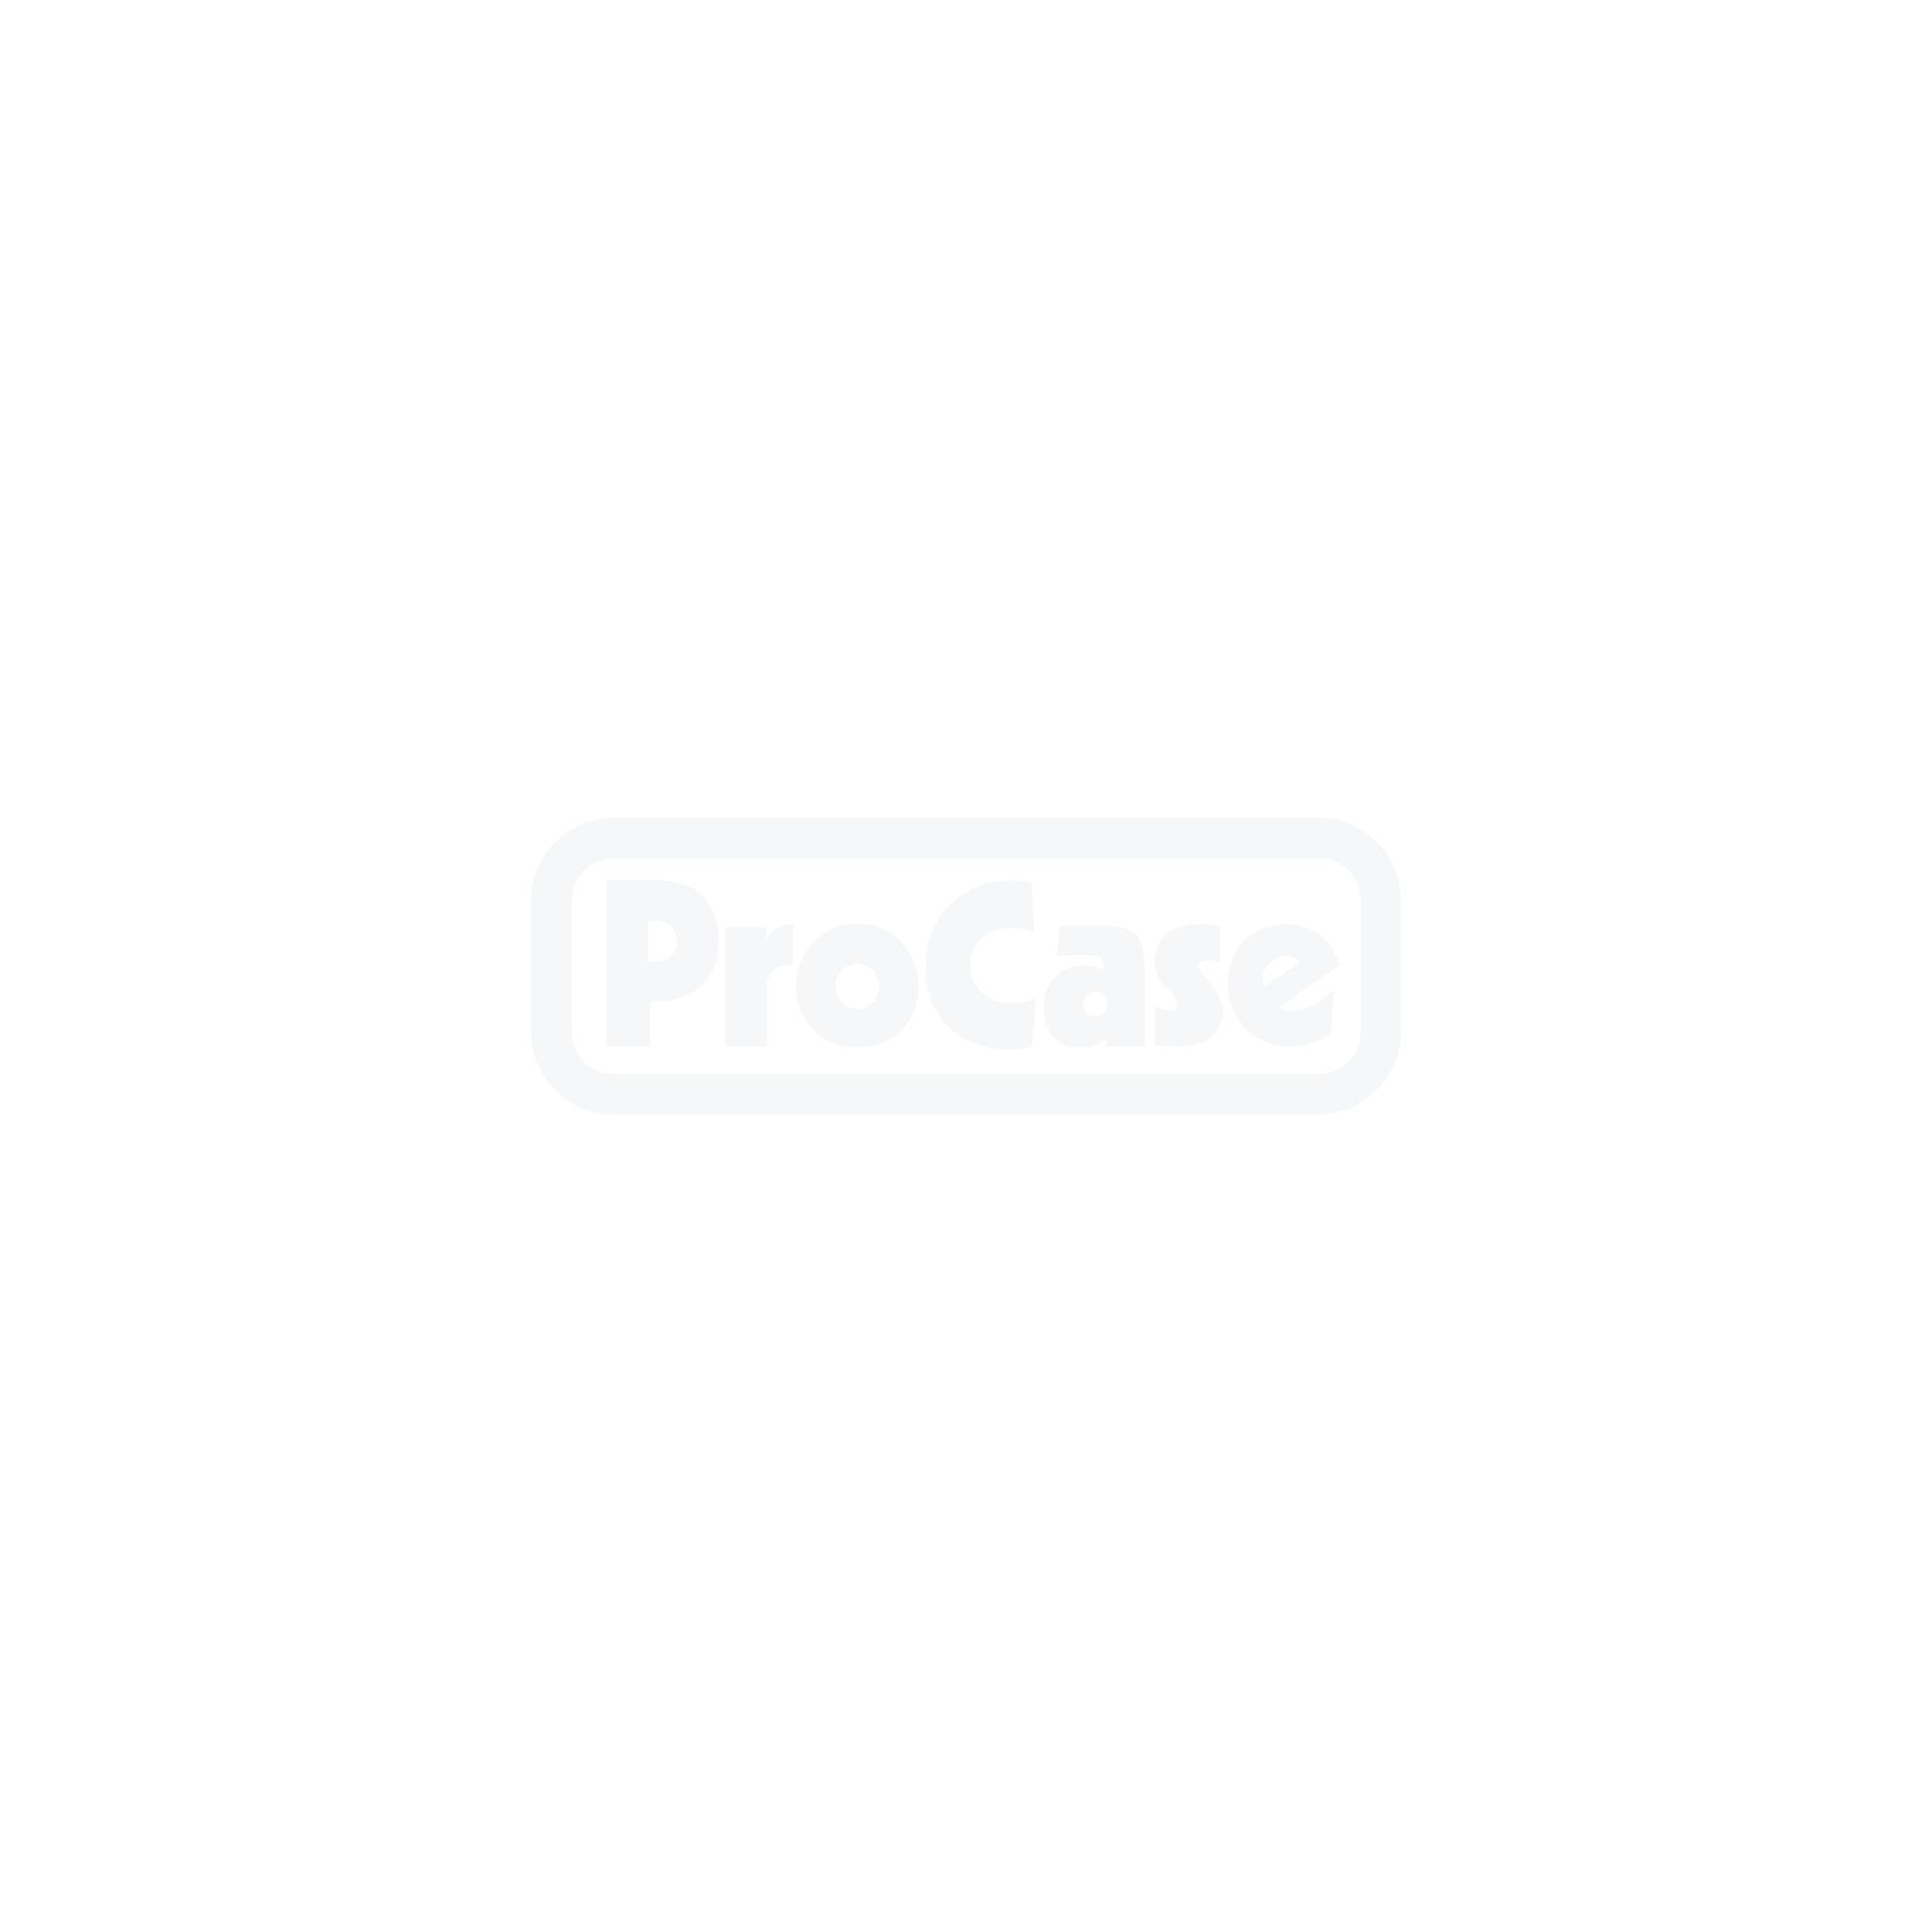 TFT-Monitor-Doppel-FLEX-Case, Größe XXL